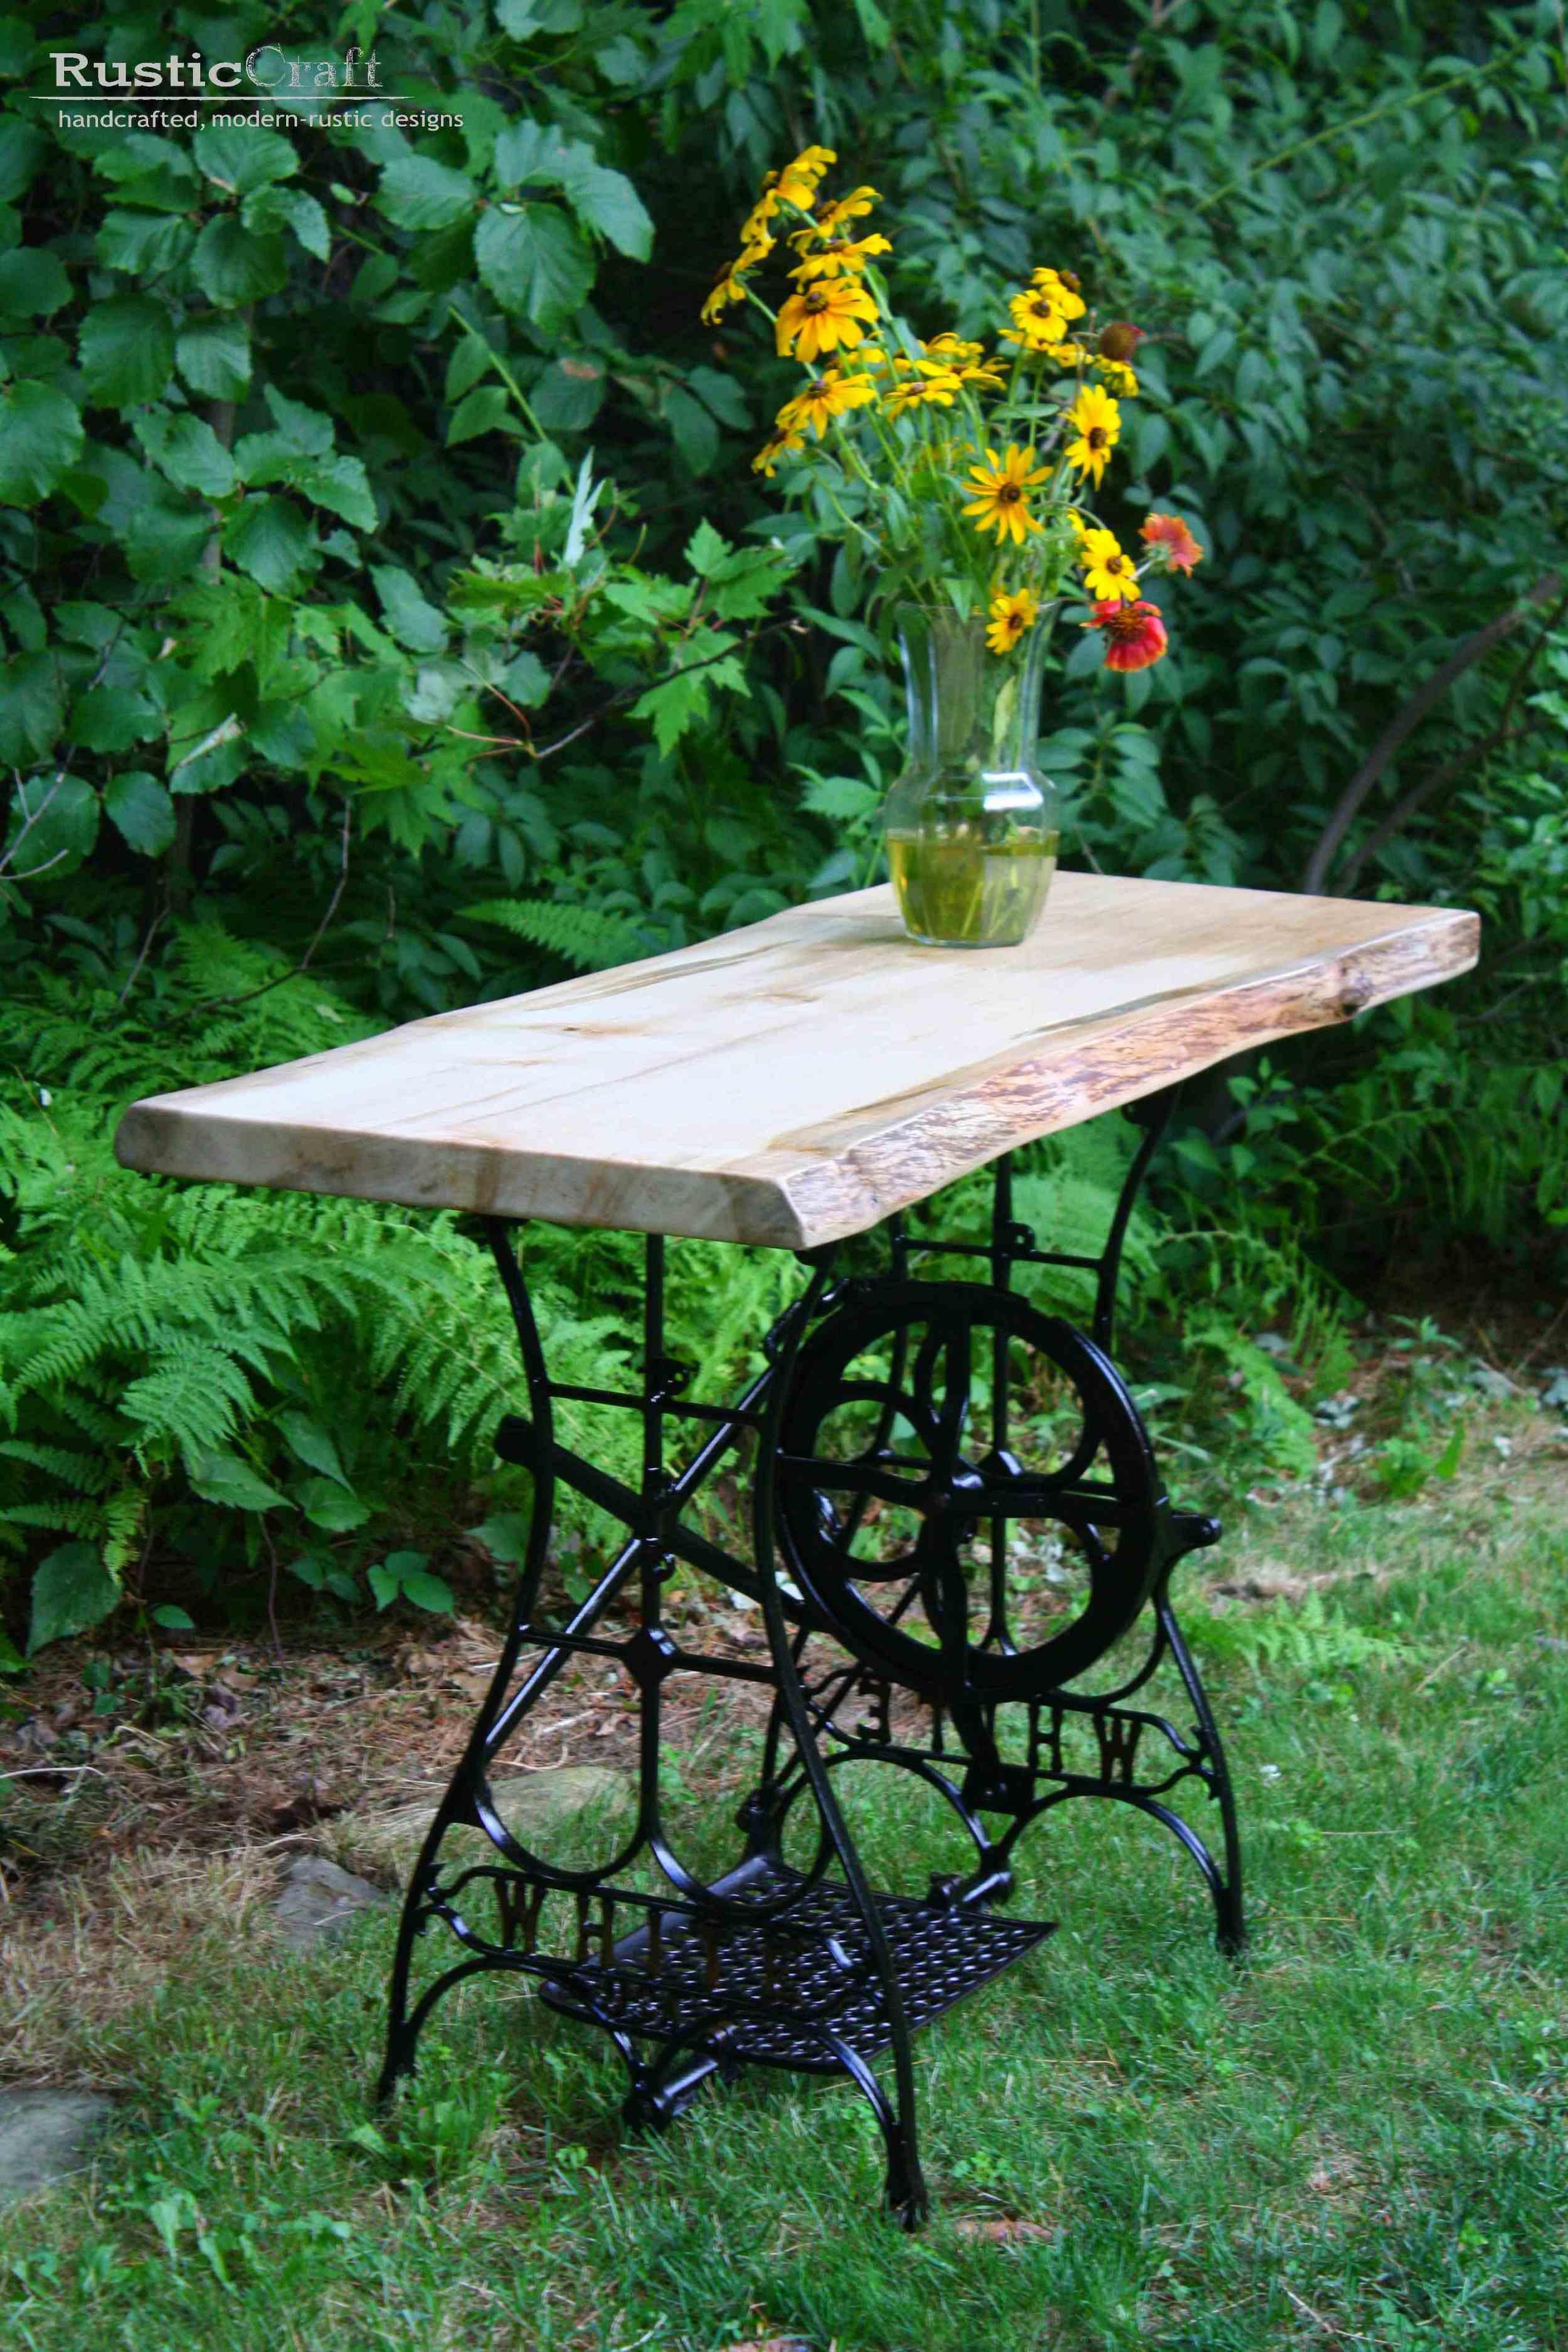 Table gallery rusticcraft designs - Gartendeko modern ...